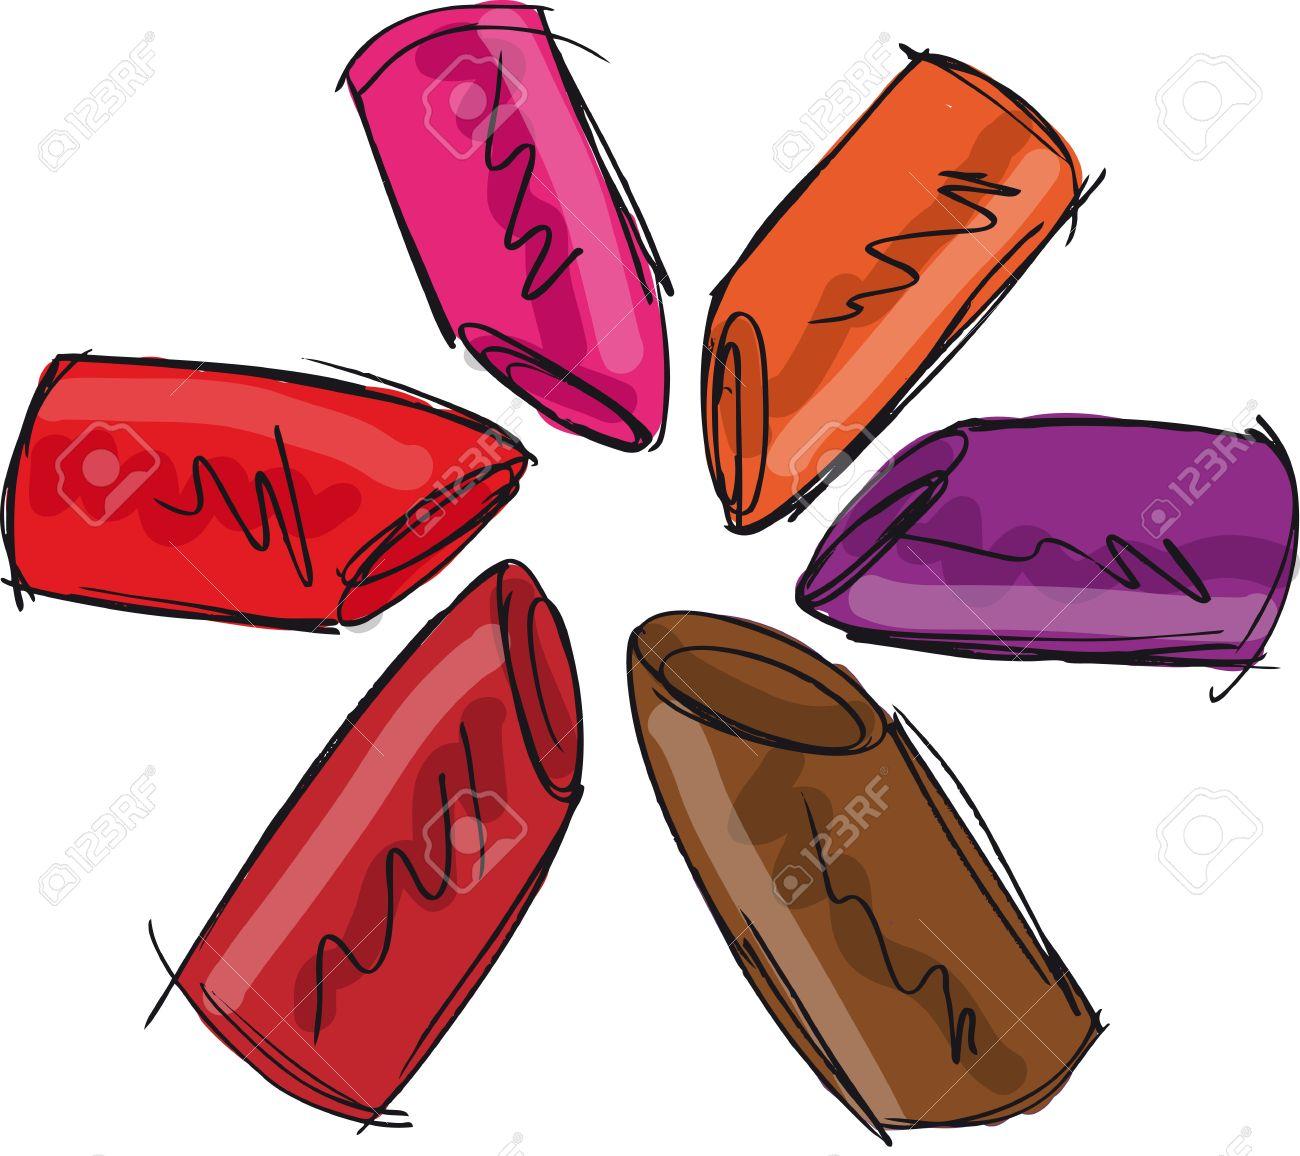 Sketch of lipsticks. Vector illustration Stock Vector - 13206432